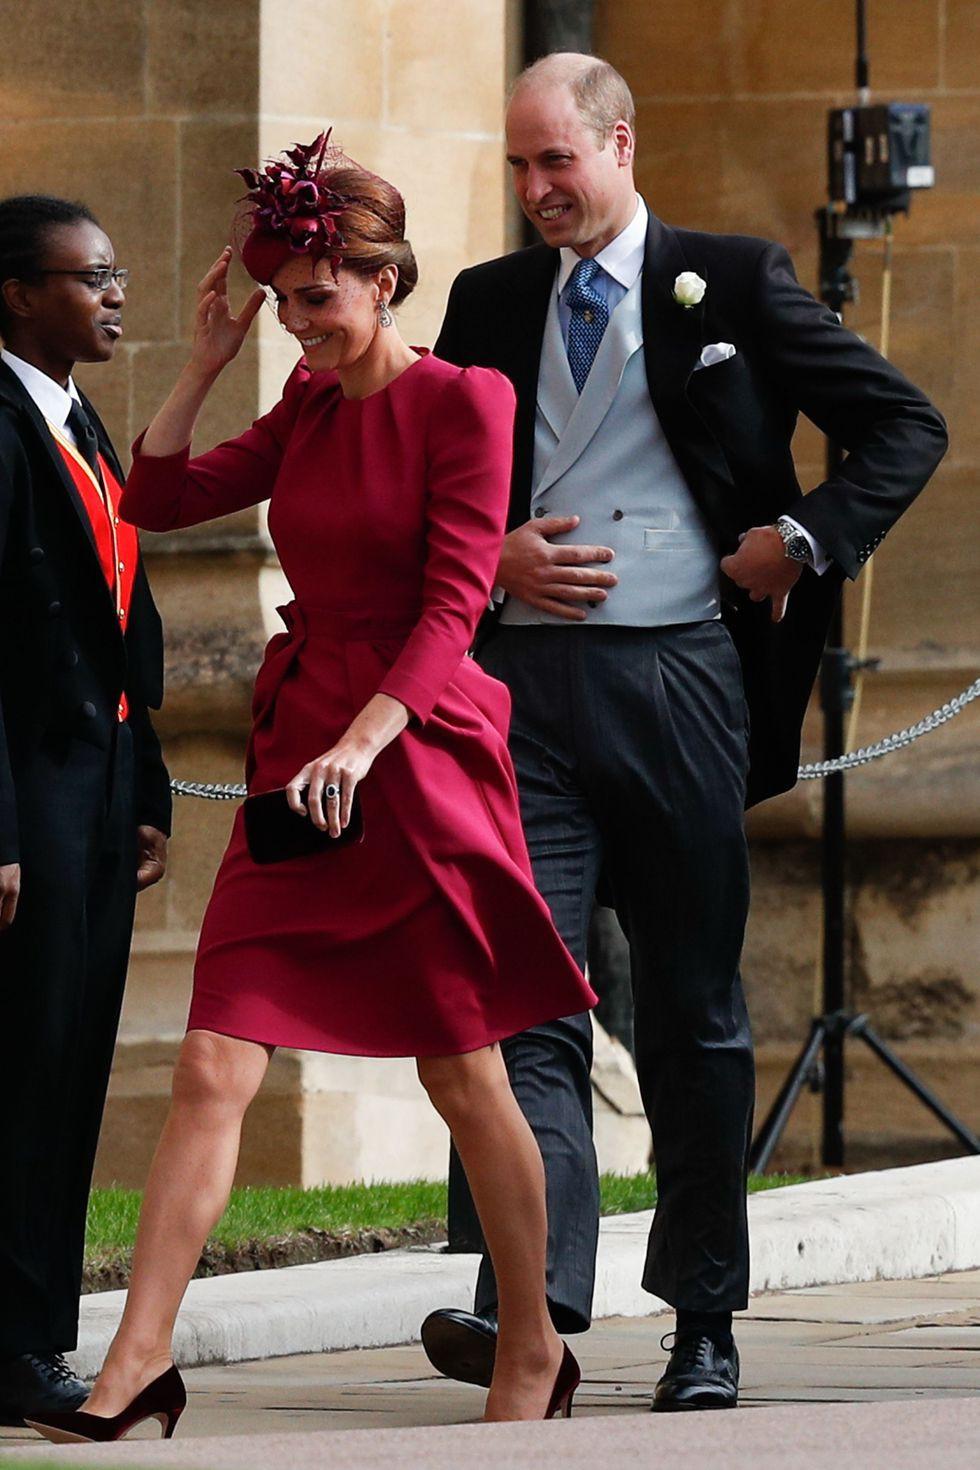 Đám cưới Công chúa Eugenie: Cara Delevingne chơi trội diện đồ nam, làm lu mờ cả Công nương Kate và Meghan - Ảnh 3.